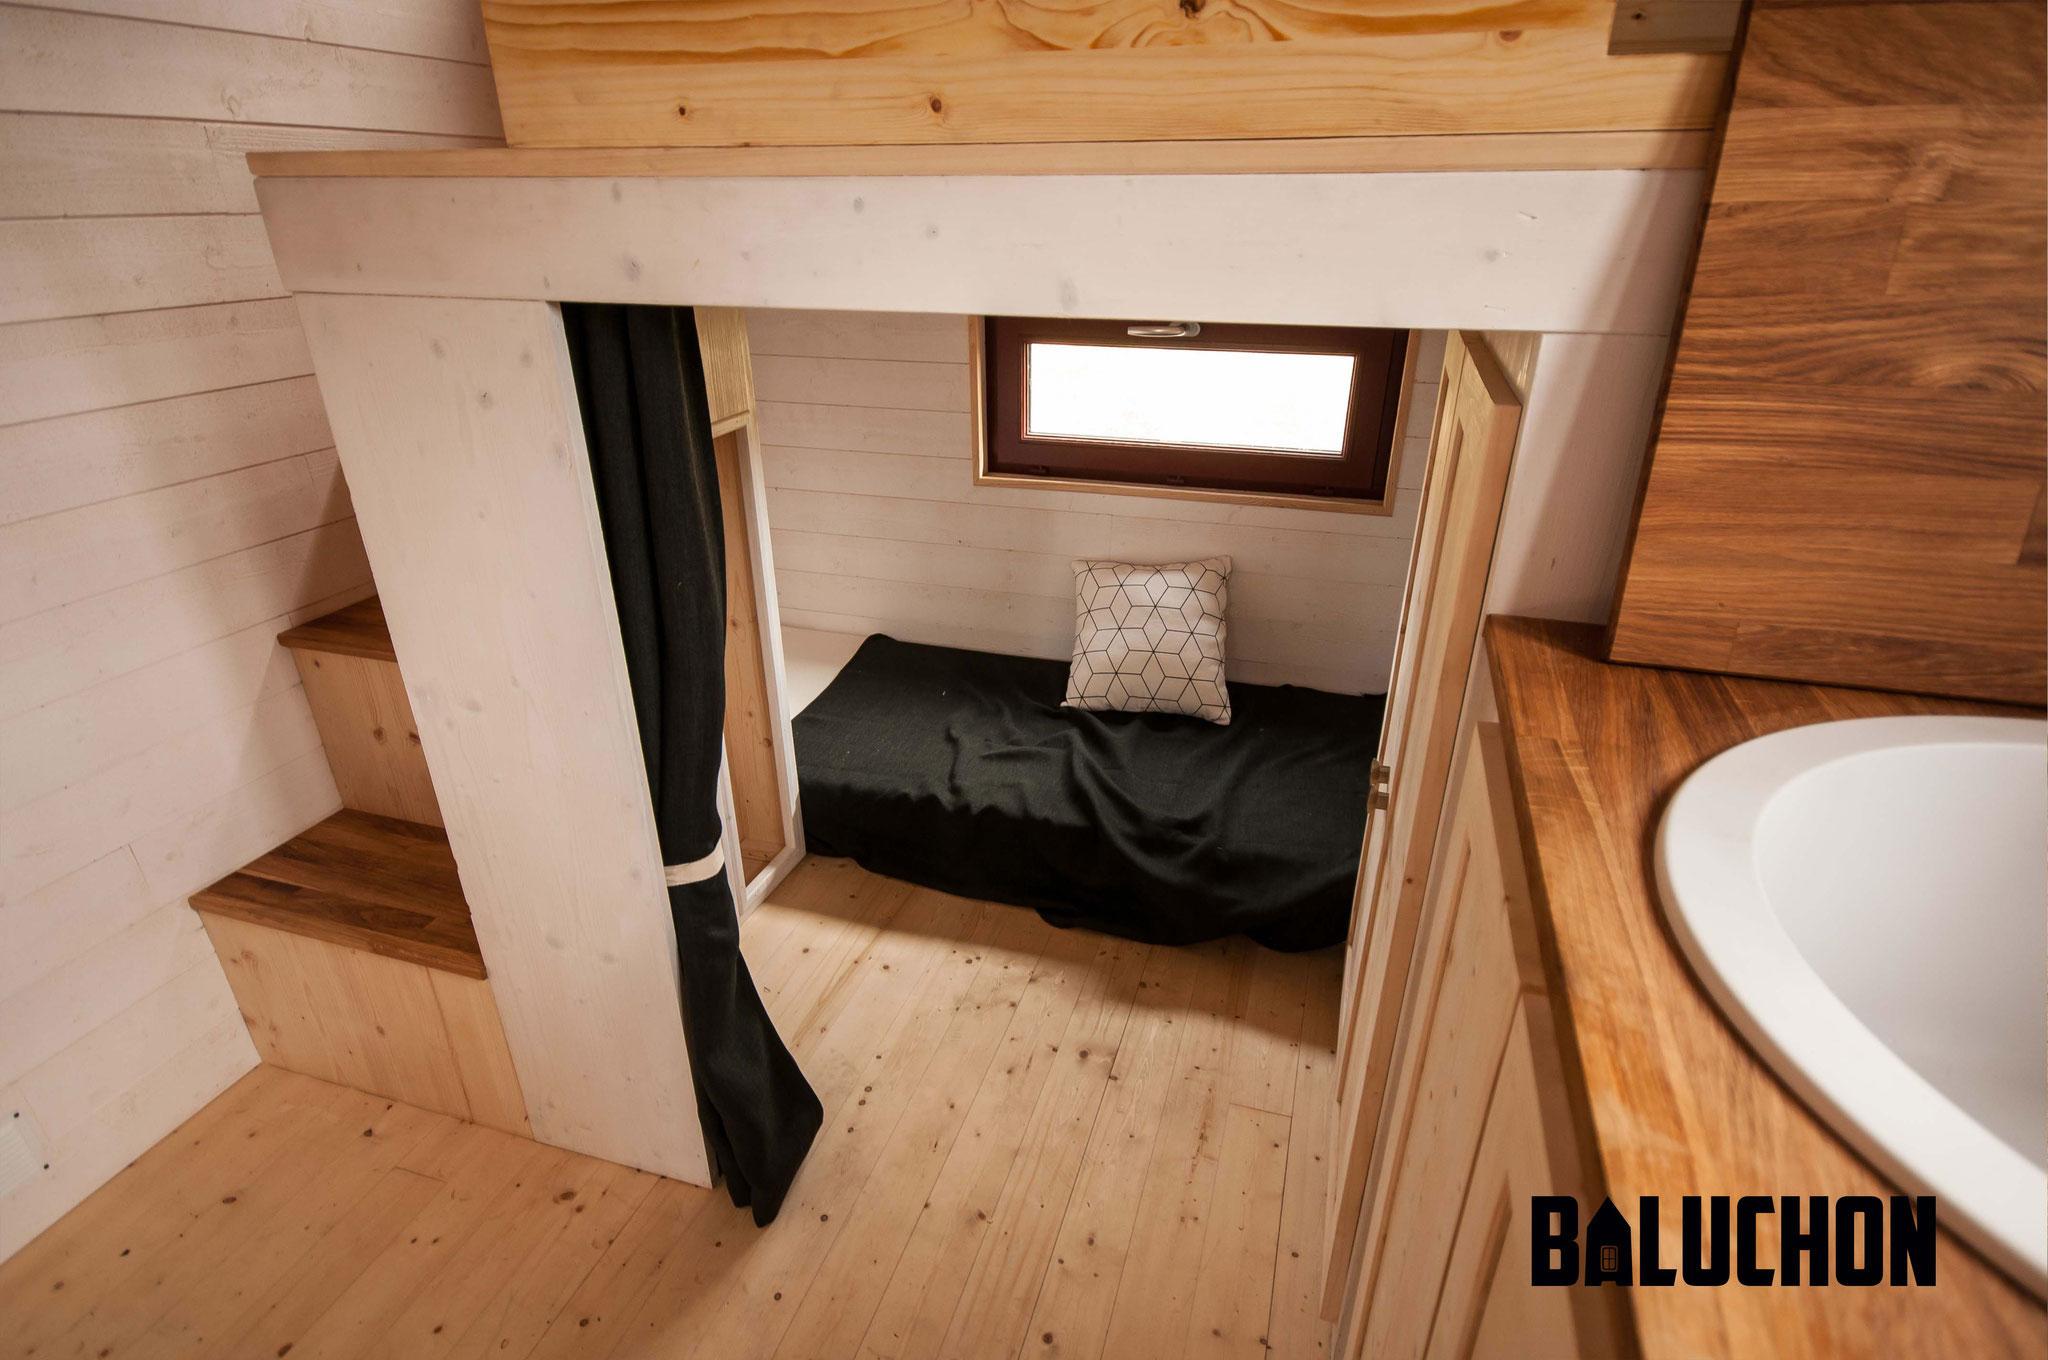 L'Odyssée - French Tiny House Unique Loft Bed Below